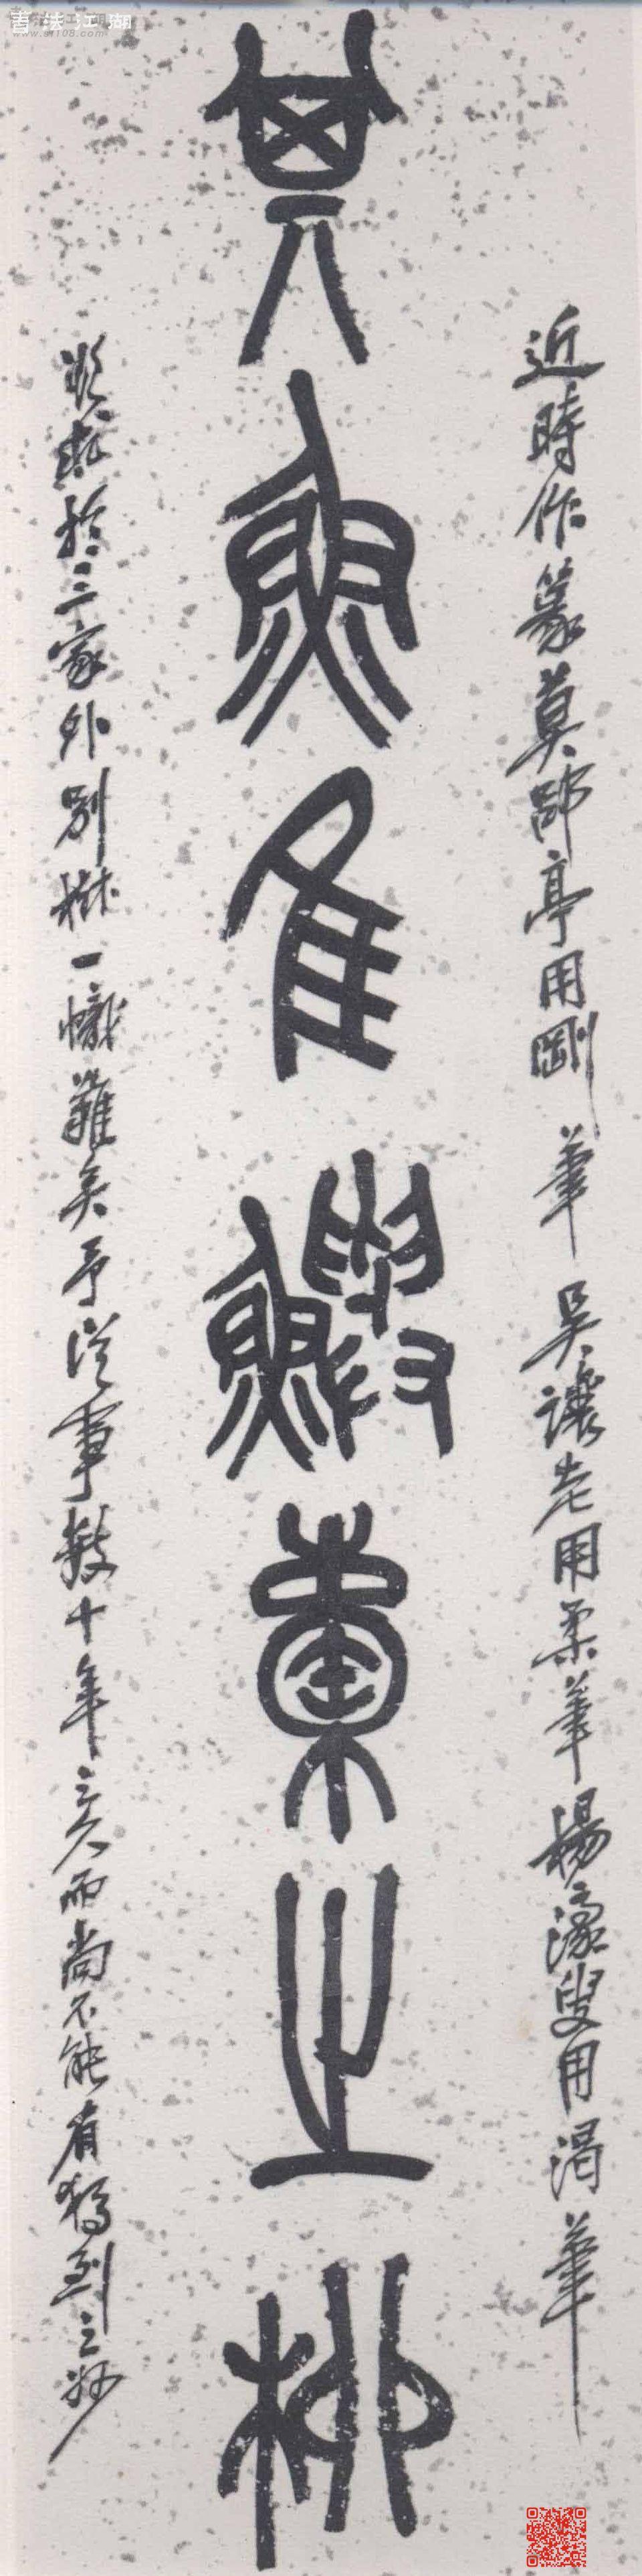 1-1-1吴昌硕石鼓文集联a.jpg